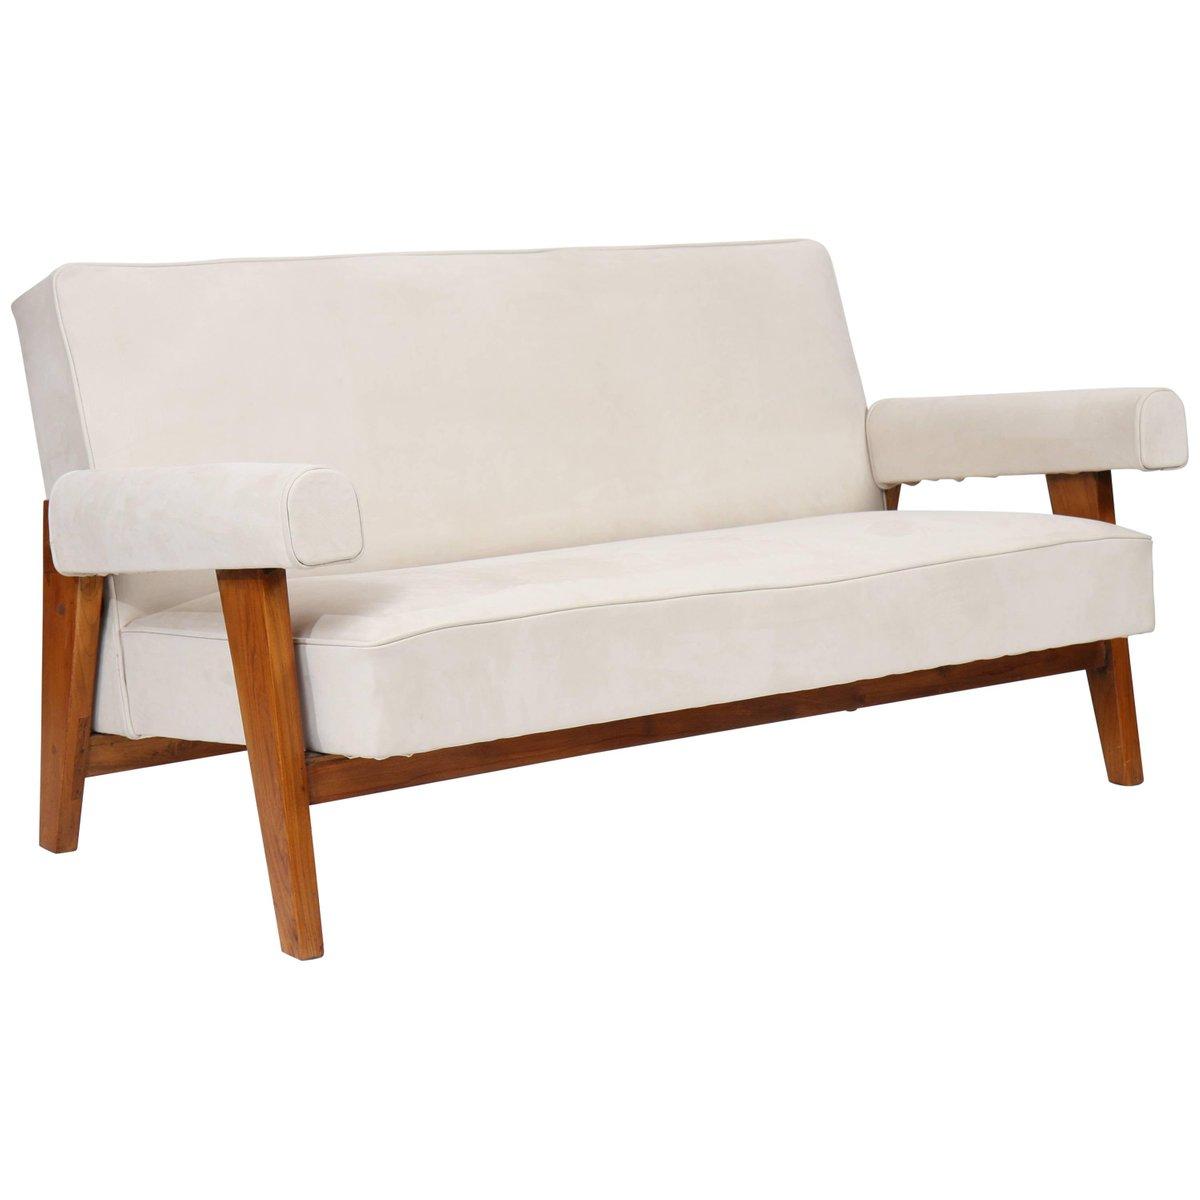 Lounge Sofa von Le Corbusier & Pierre Jeanneret, 1955